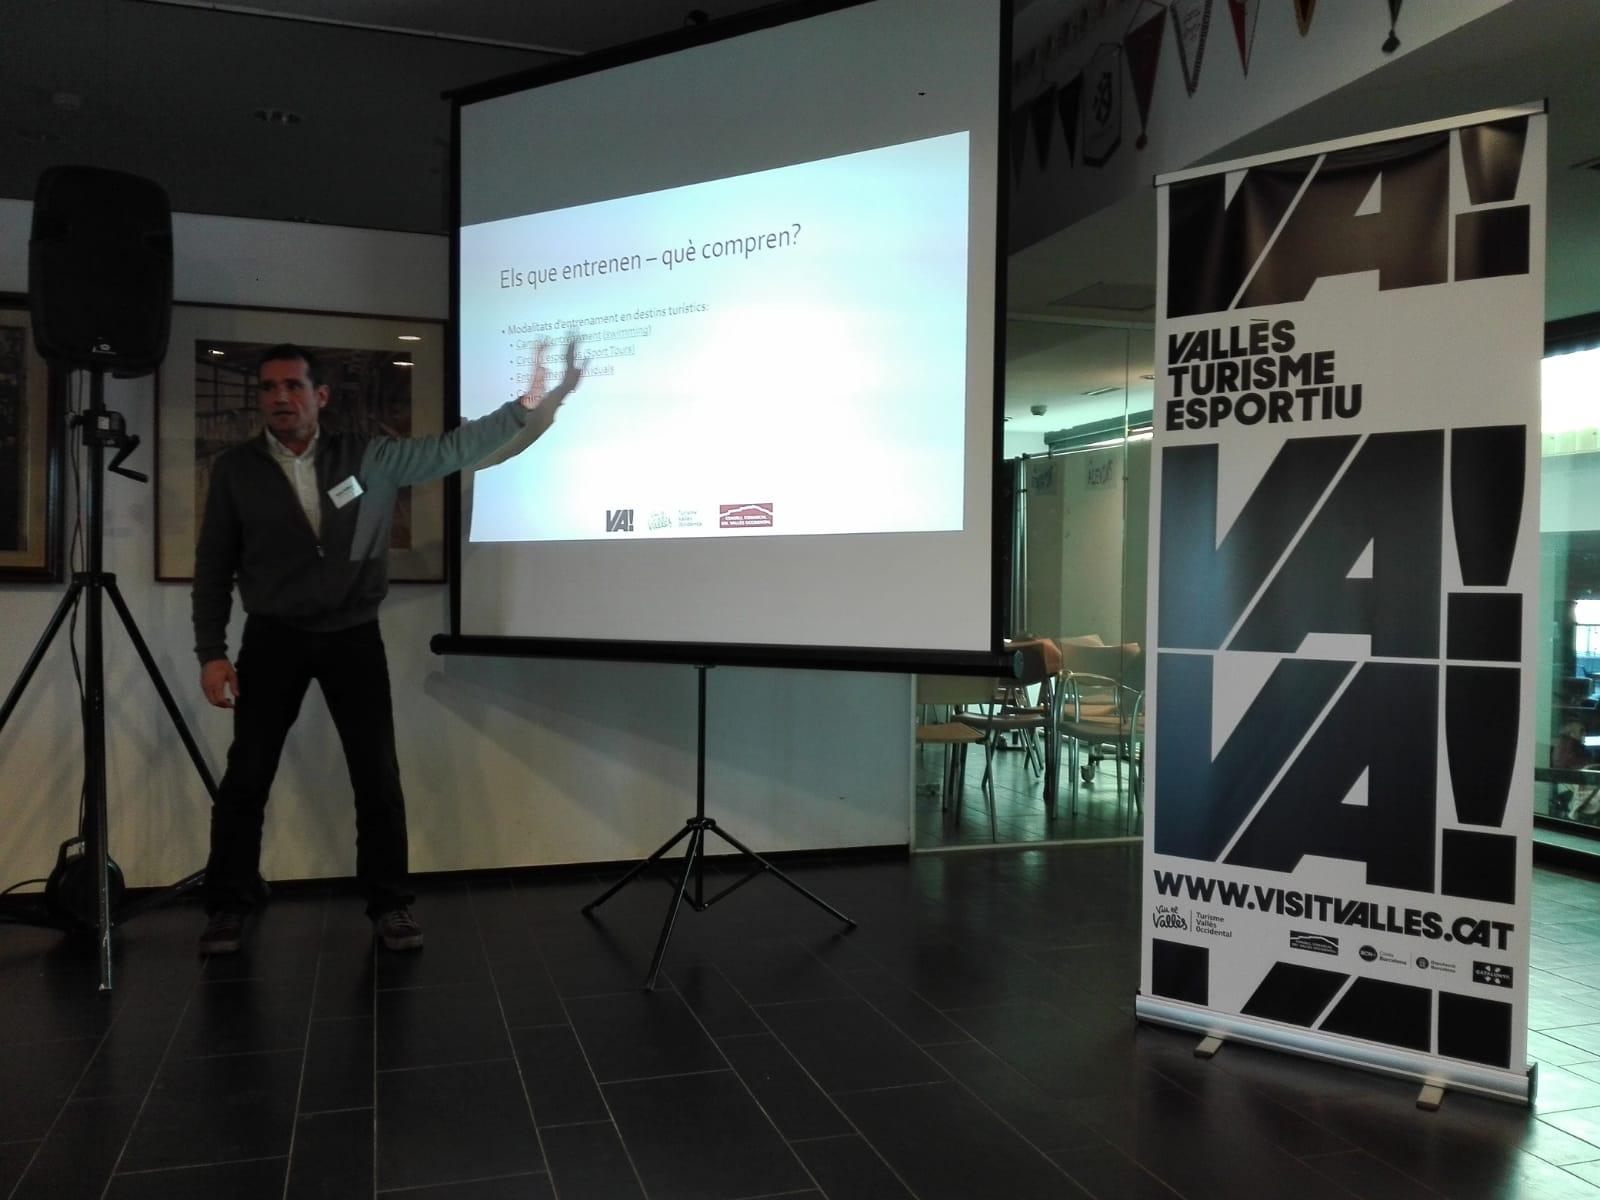 El professor de CAFE d'EUSES Oriol Sallent participa en la 2a Jornada Professional de Turisme Esportiu del Vallès Occidental